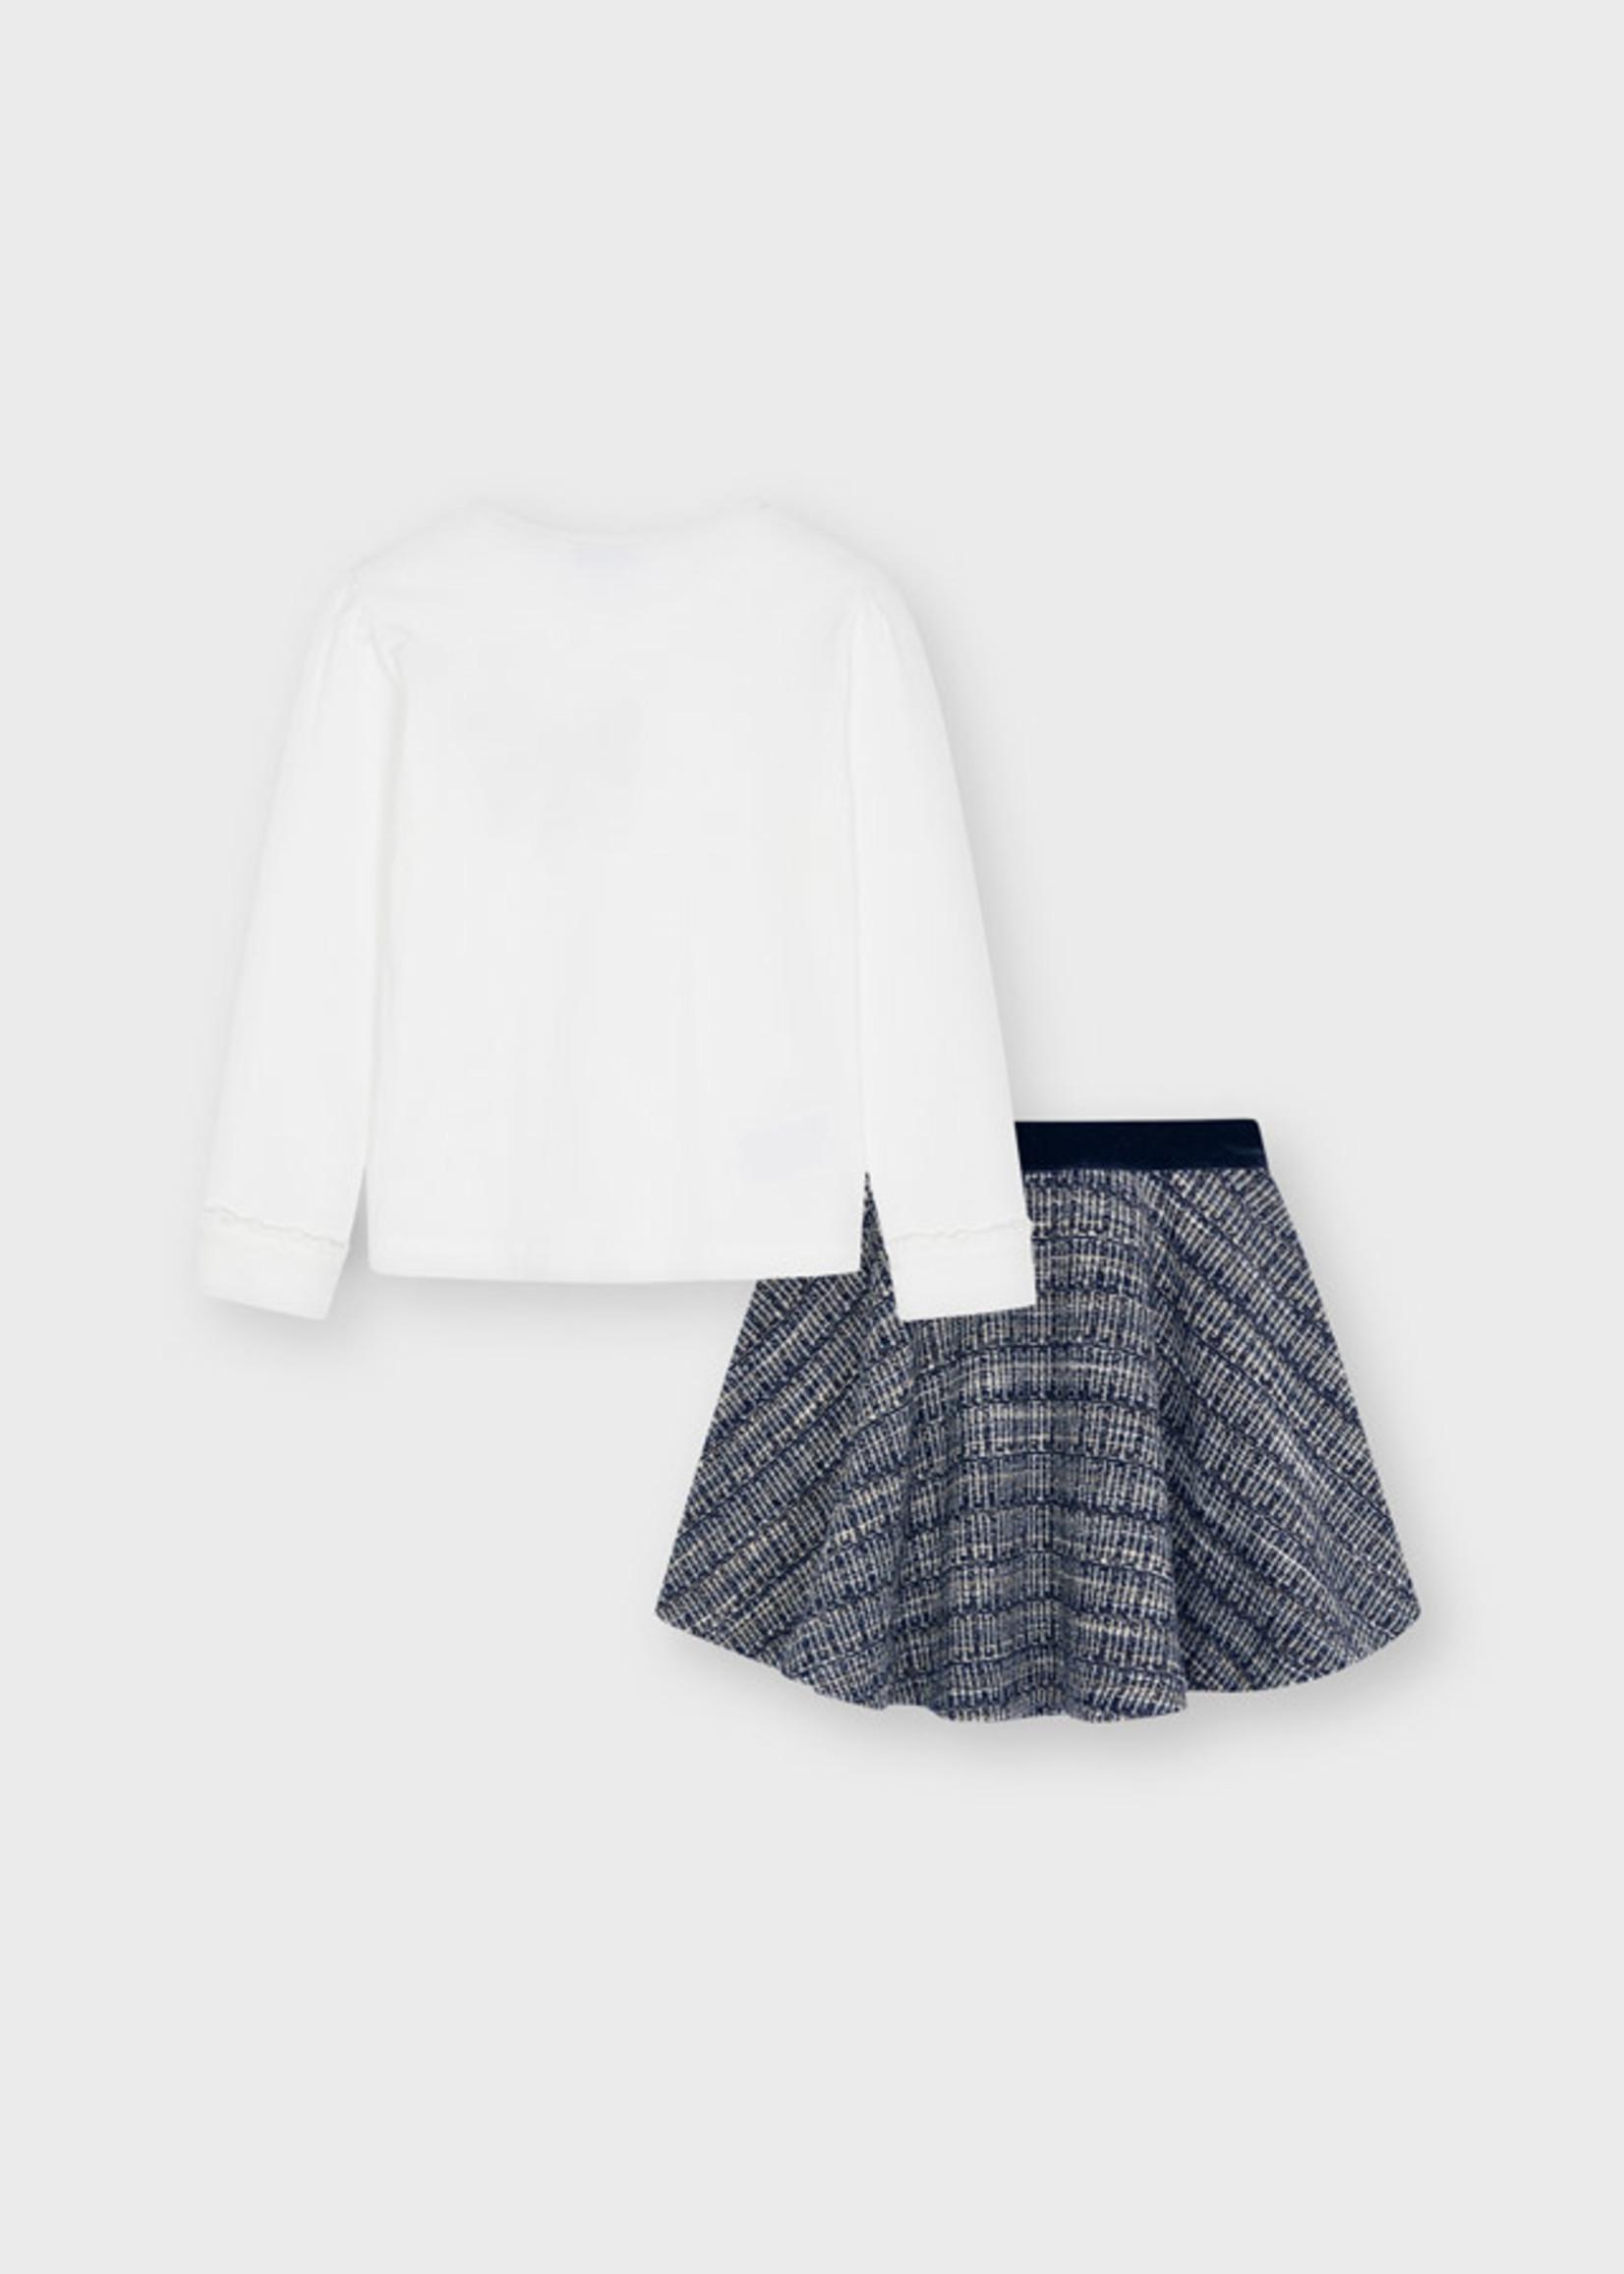 Mayoral Mayoral tweed skirt set